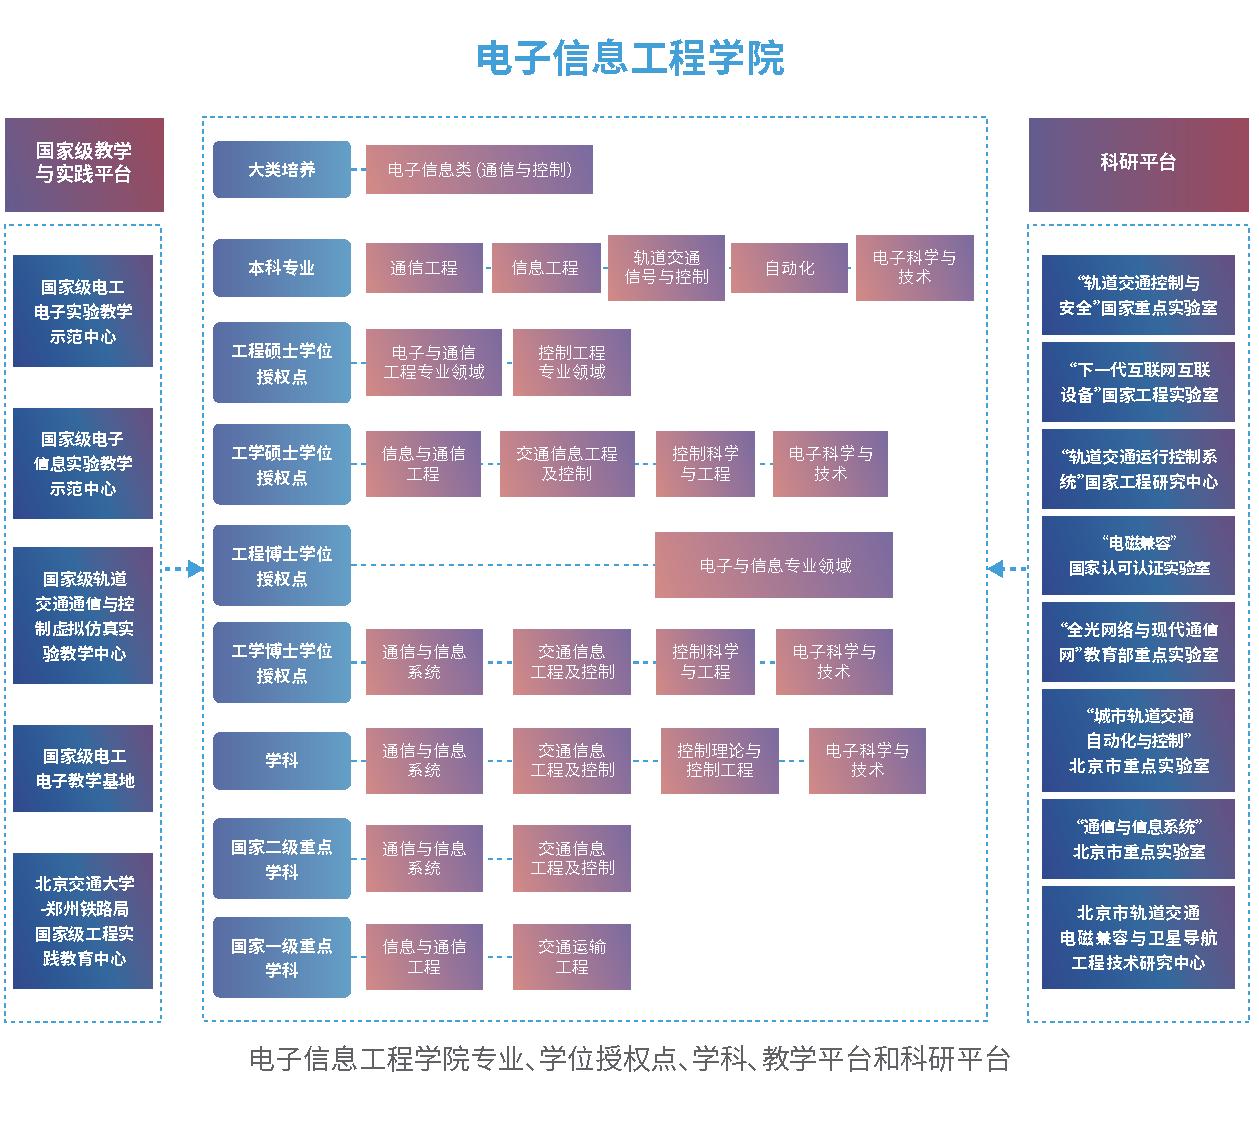 招生指南-各学院架构图 5个 6-6_页面_1.png